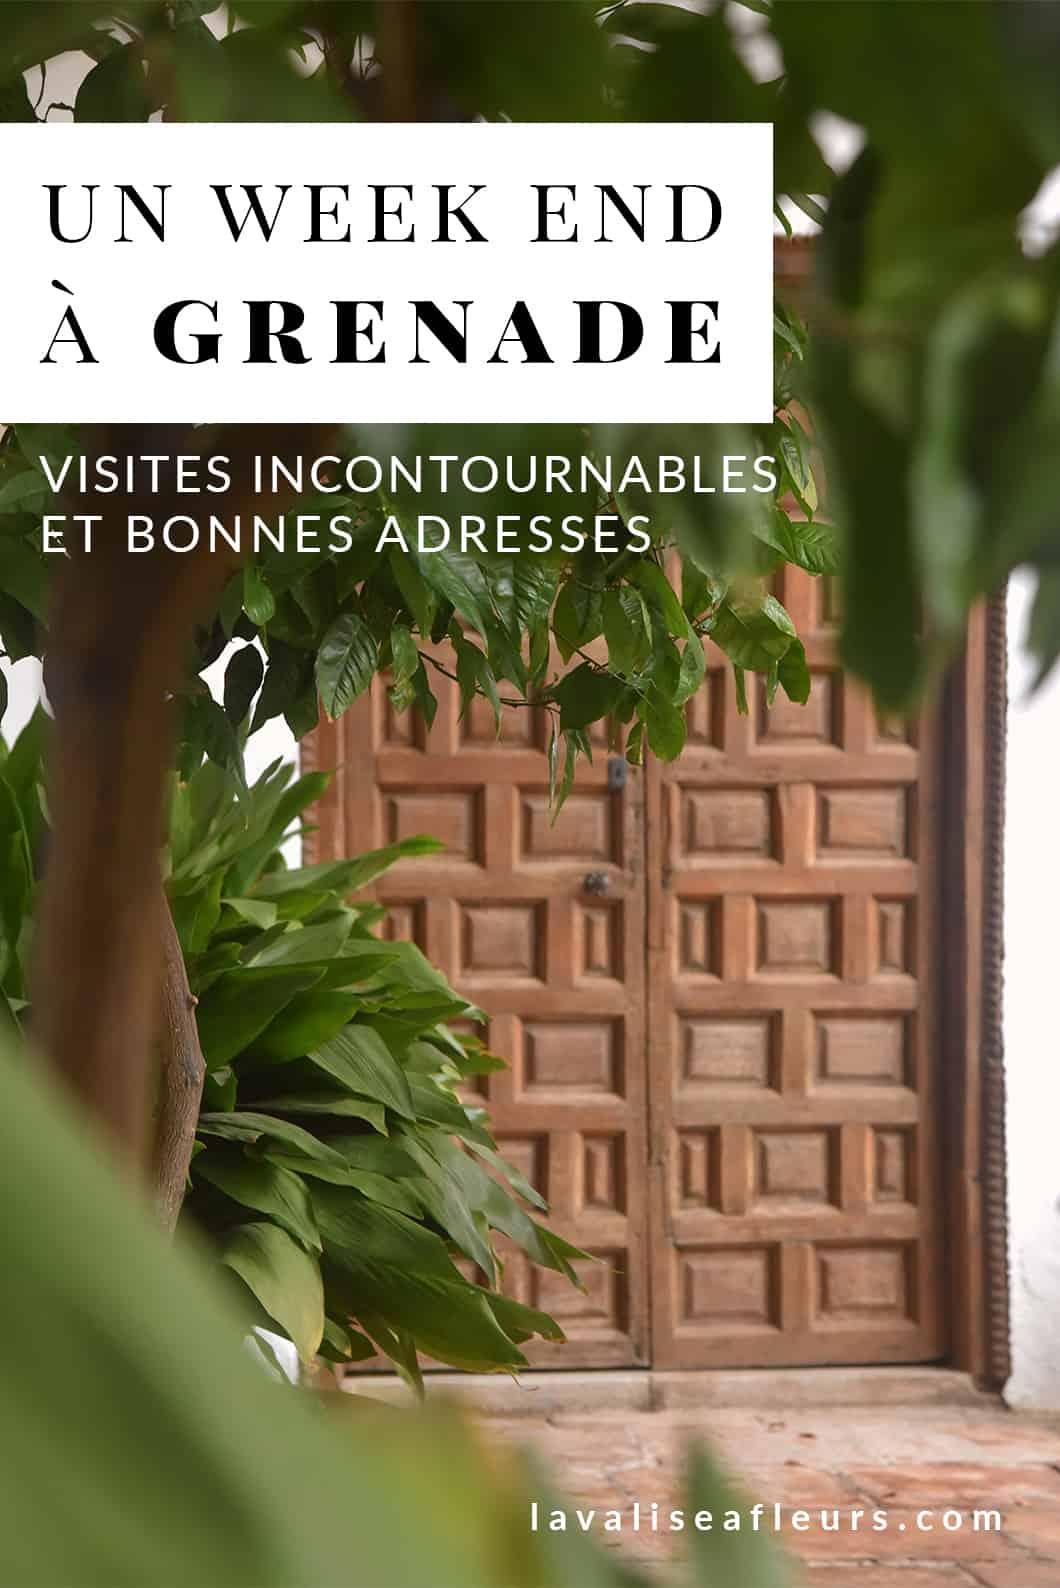 Visites incontournables et bonnes adresses à Grenade